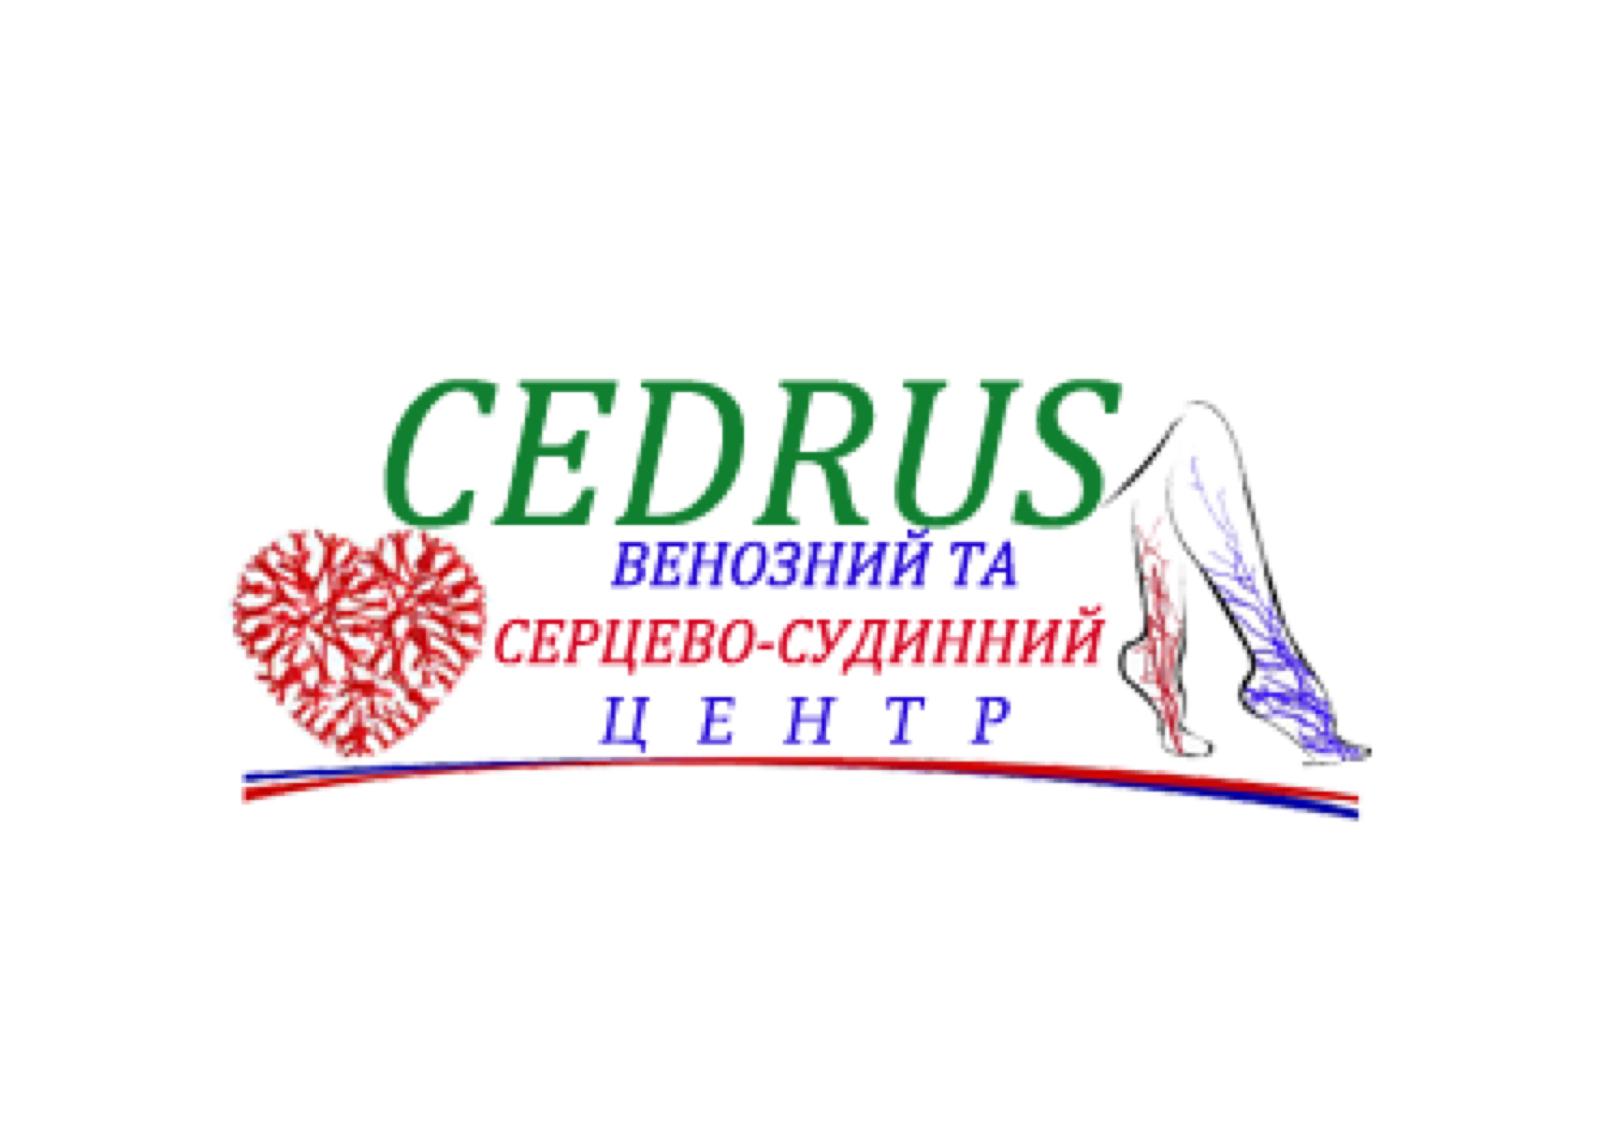 Медичний центр Cedrus  doctortap.com.ua